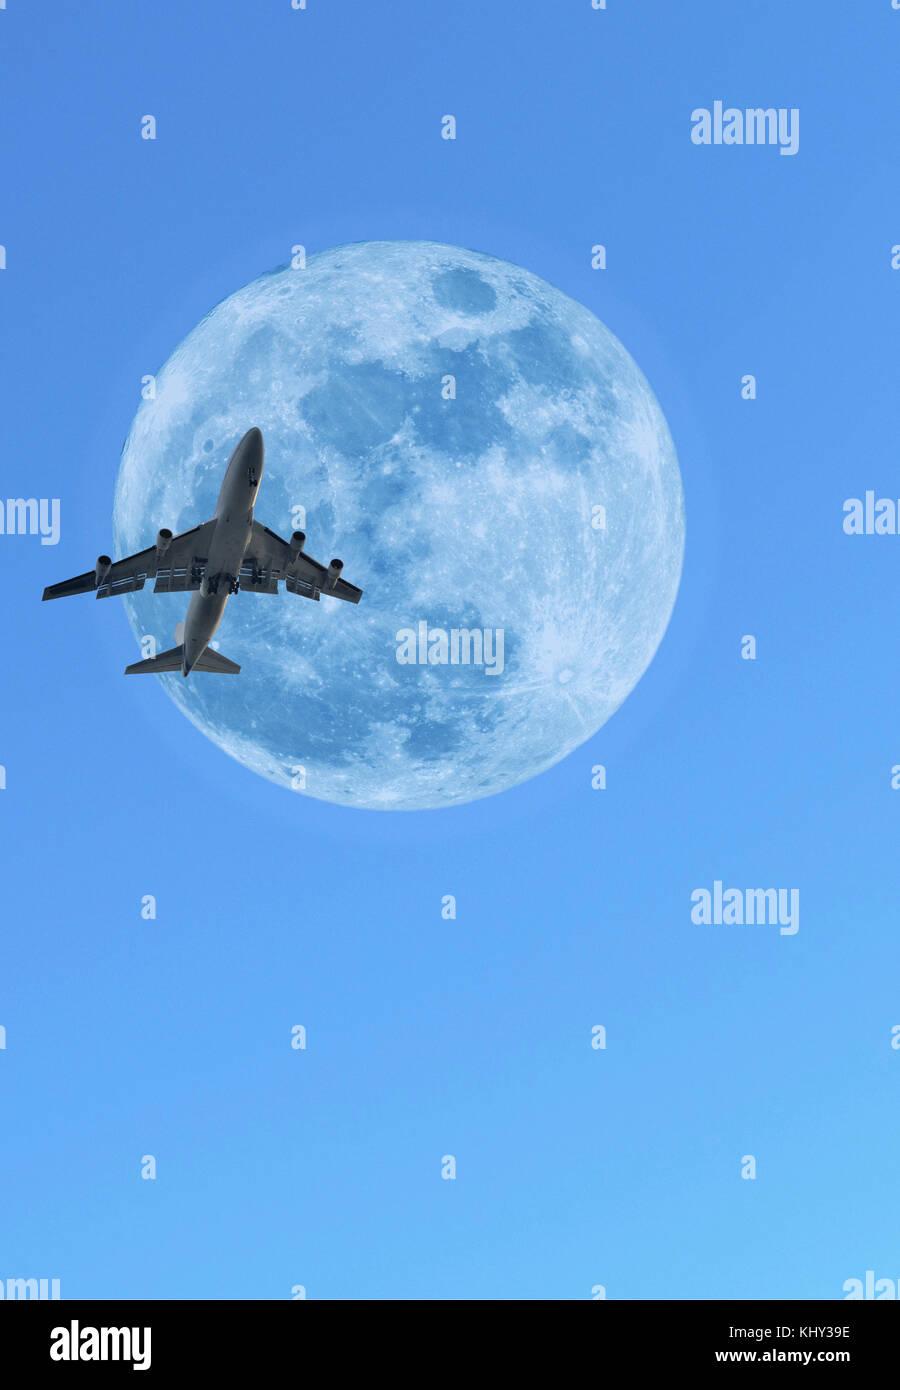 Jumbo jet aeroplane crossing daytime moon - Stock Image